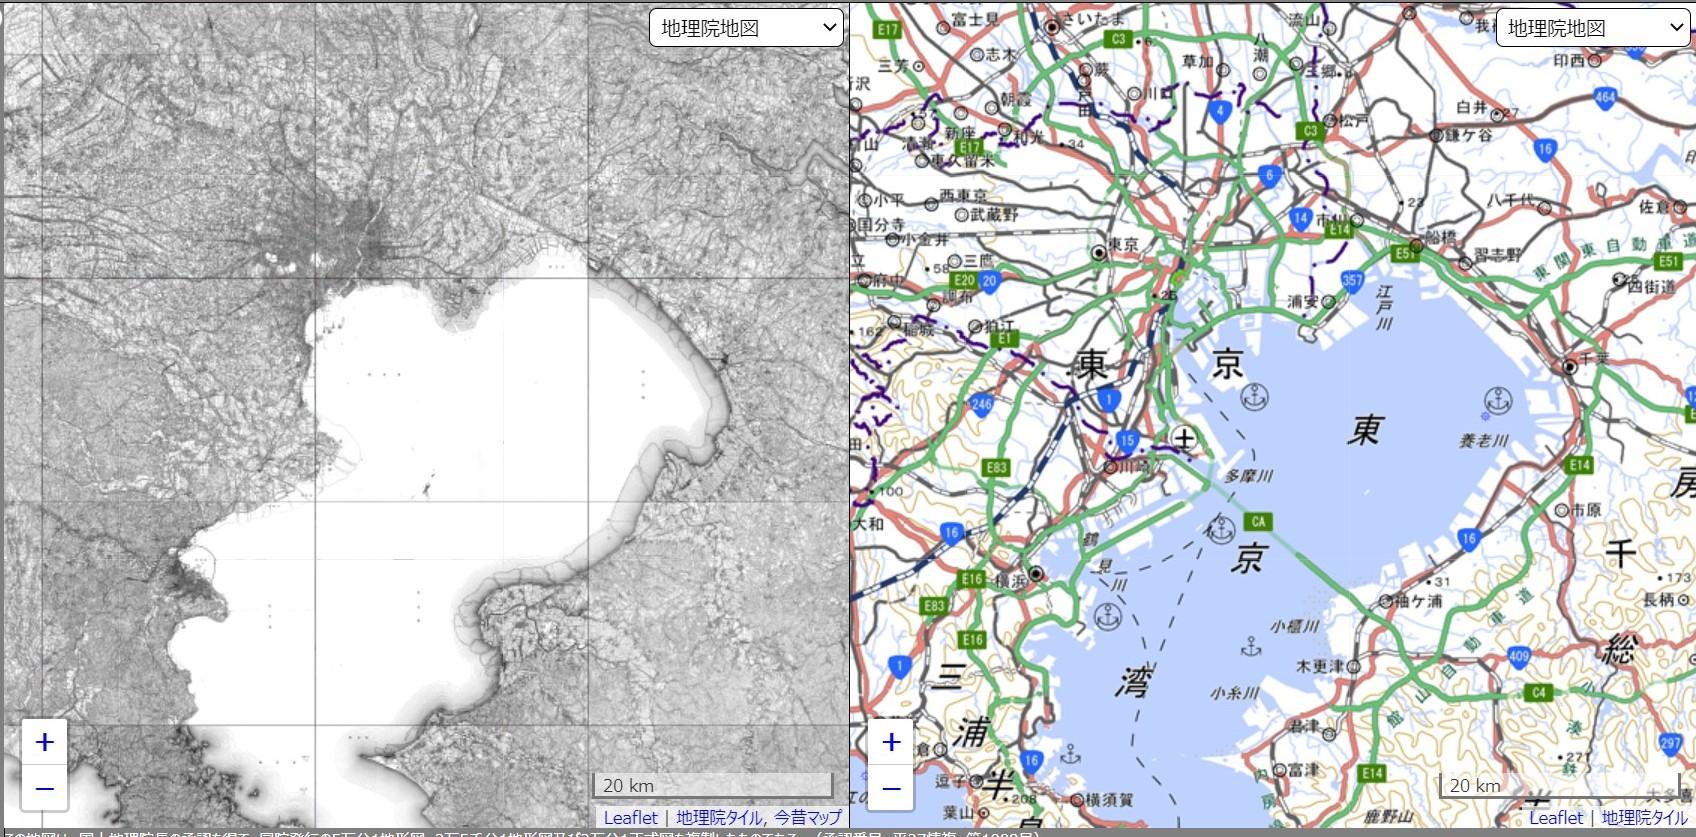 明治時代と令和時代の東京湾の比較